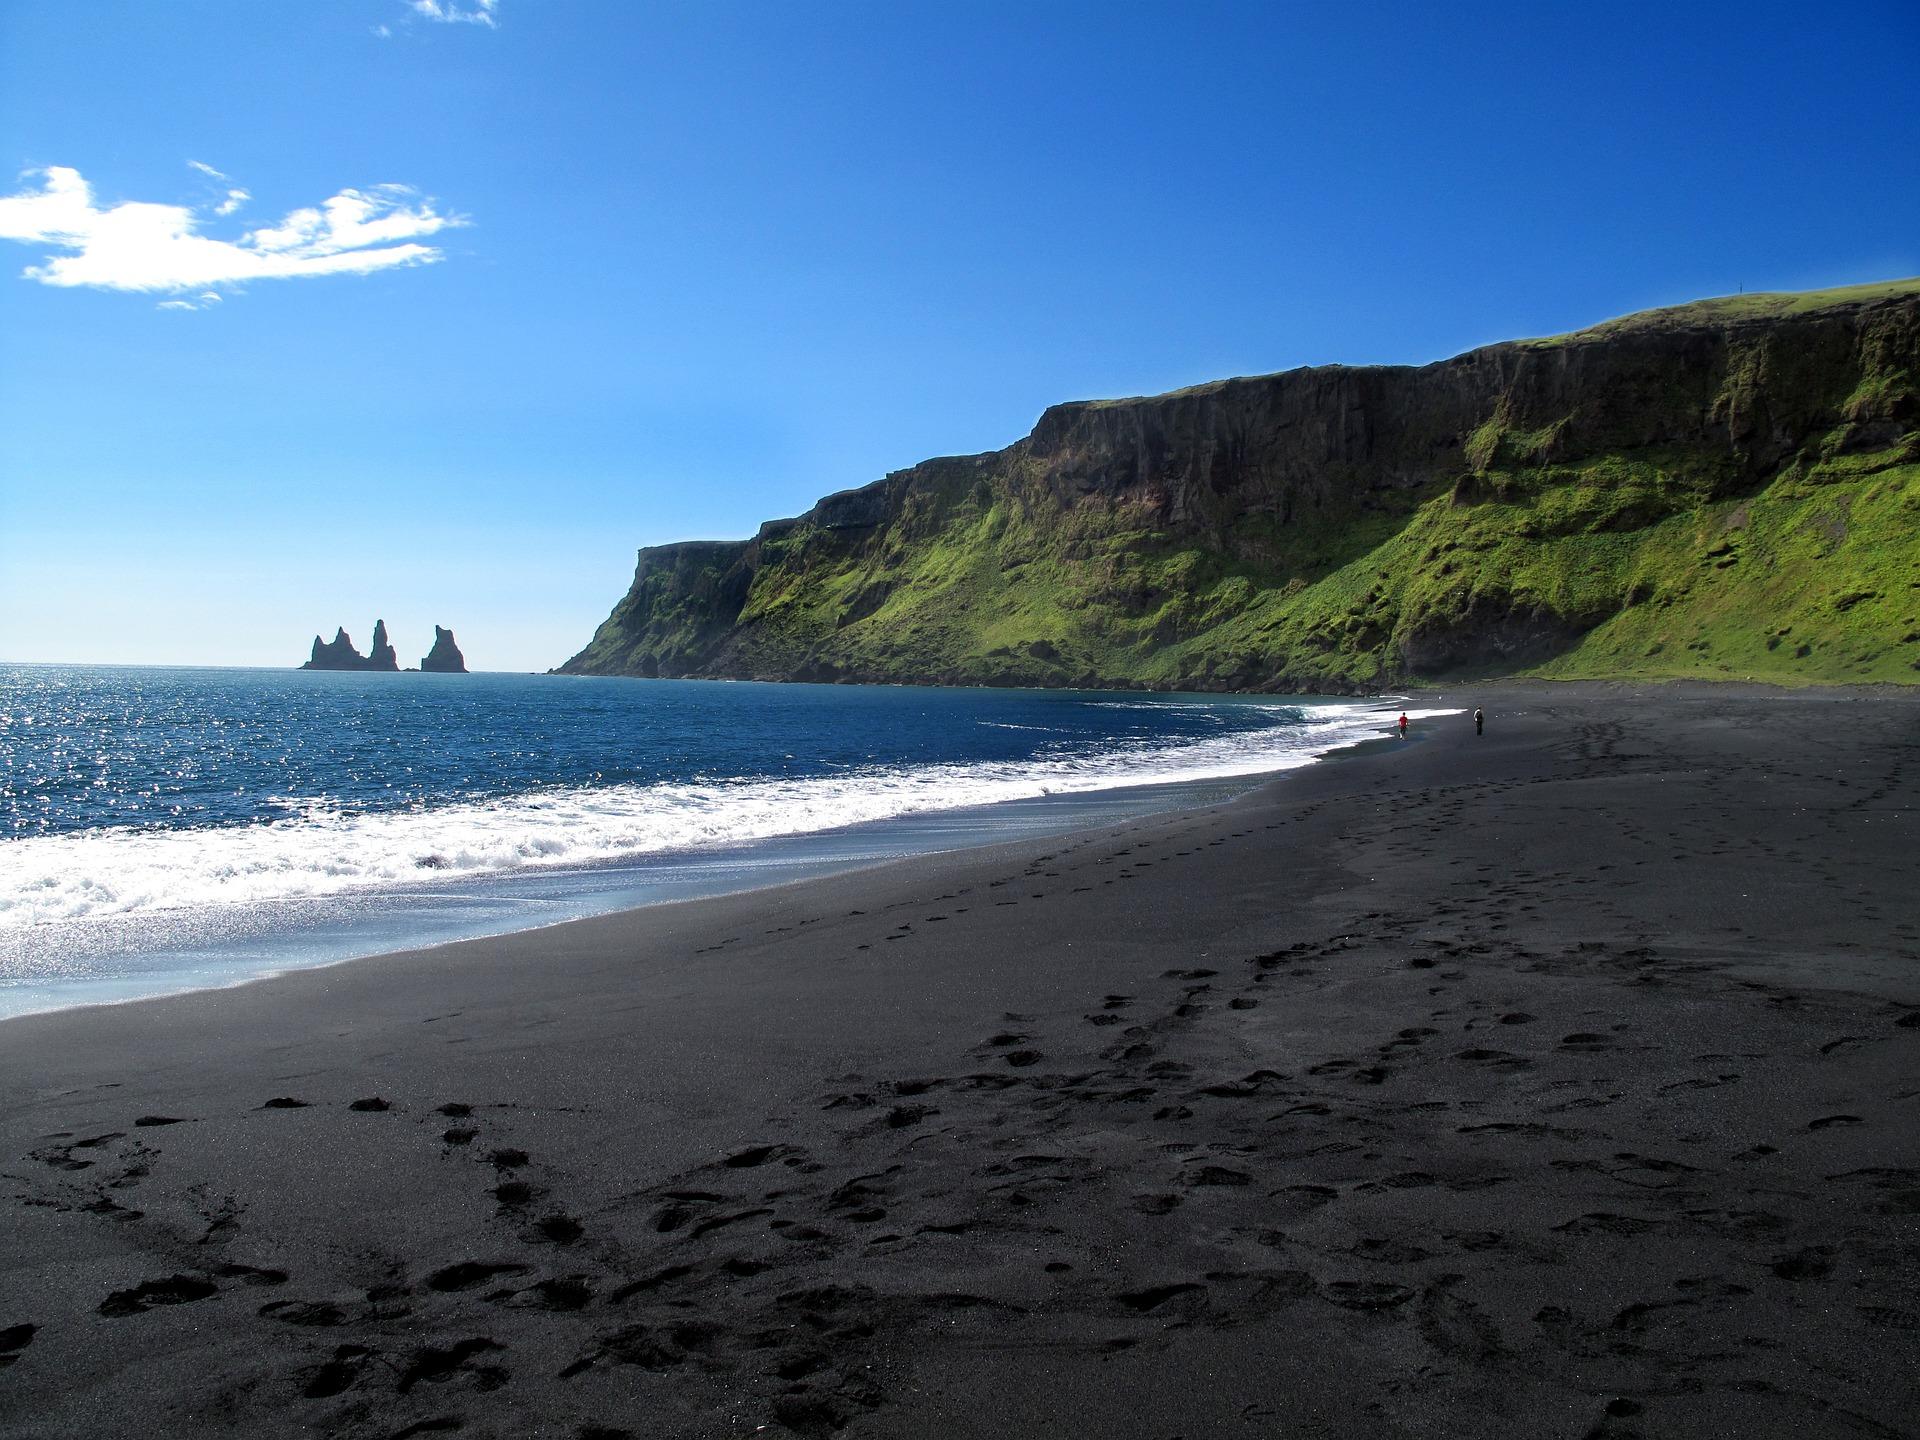 Photograph of the beach near Vík í Mýrdal, the southernmost village of Iceland